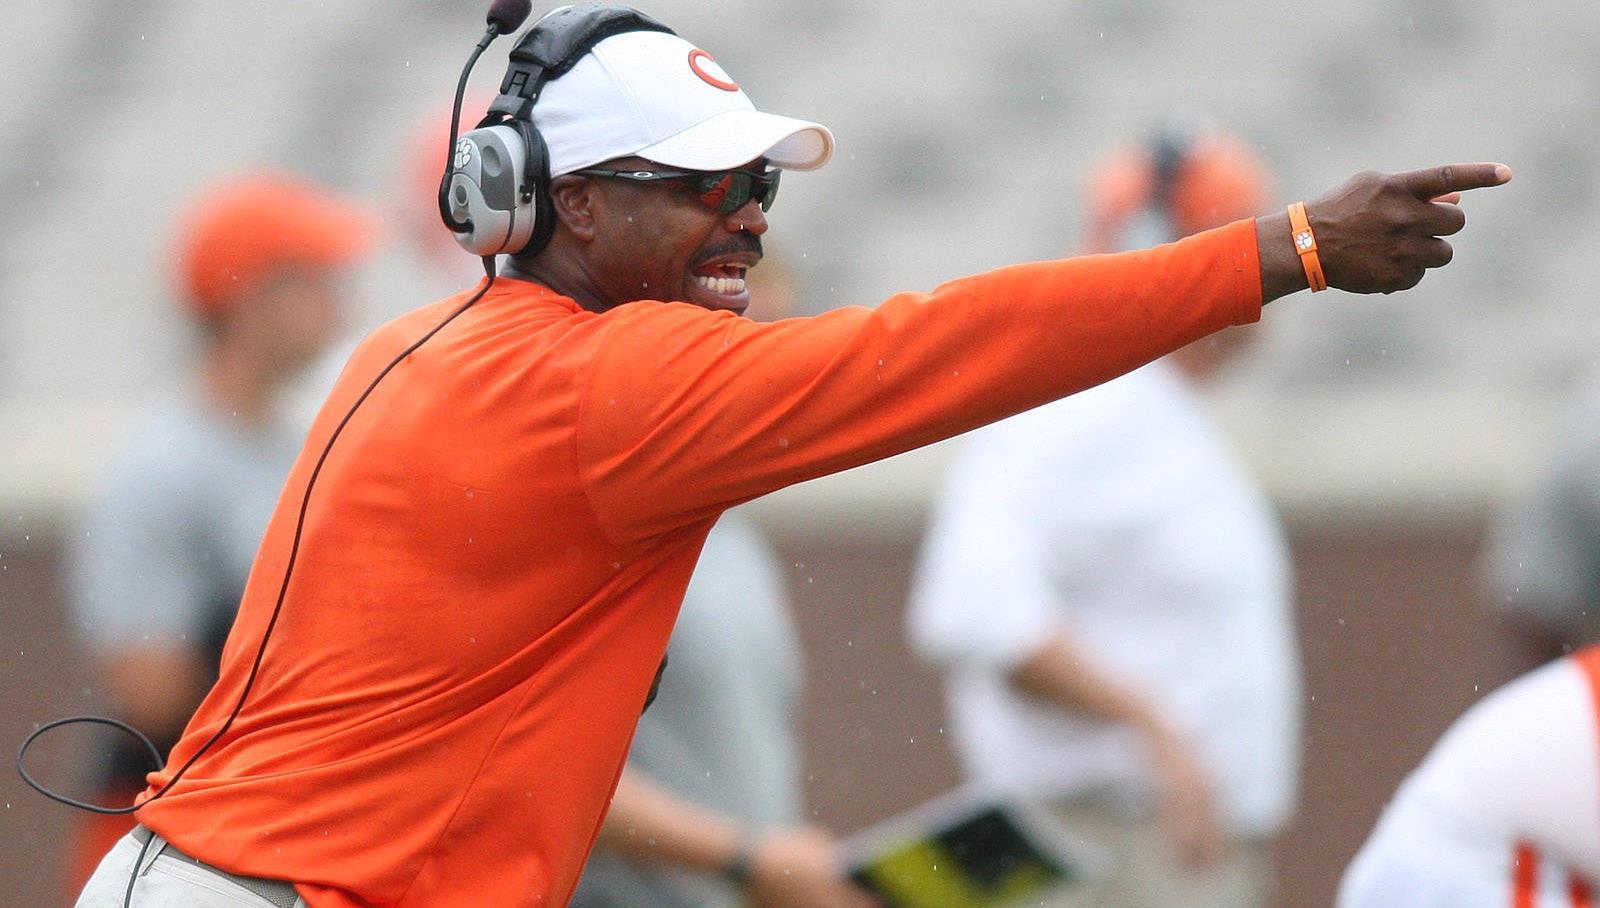 Harbison Accepts Position at Auburn